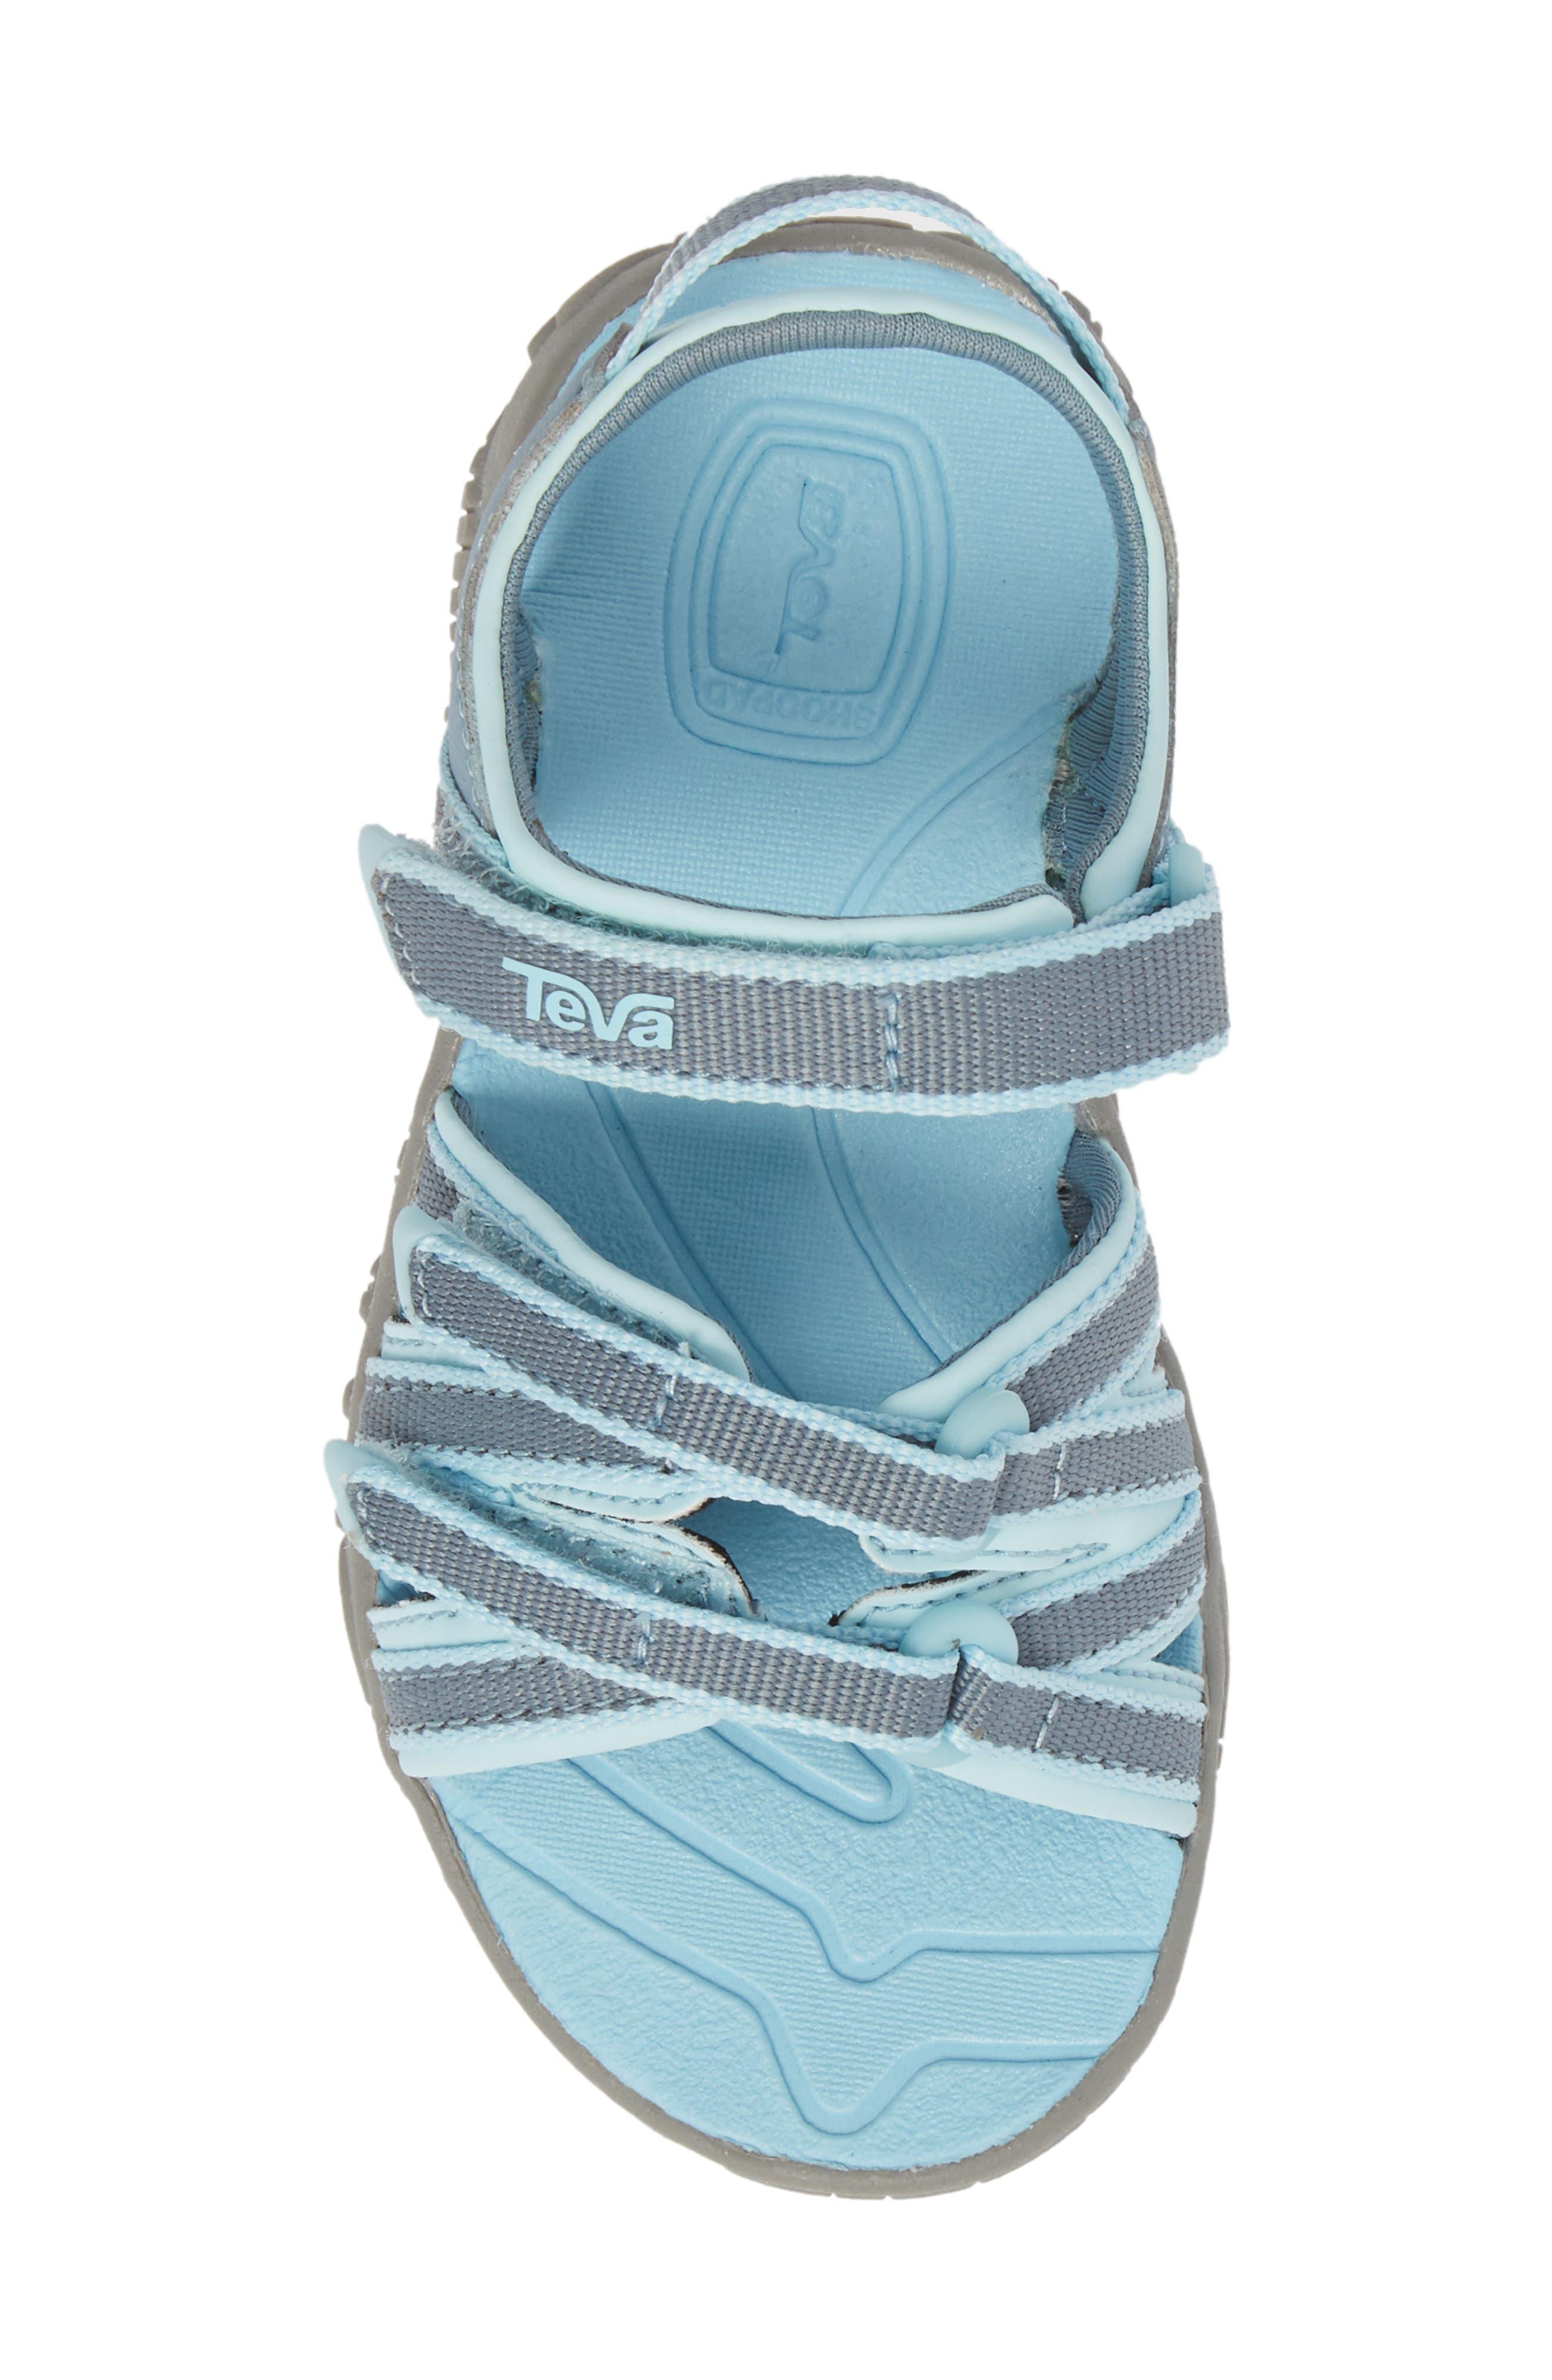 Tirra Sport Sandal,                             Alternate thumbnail 5, color,                             456